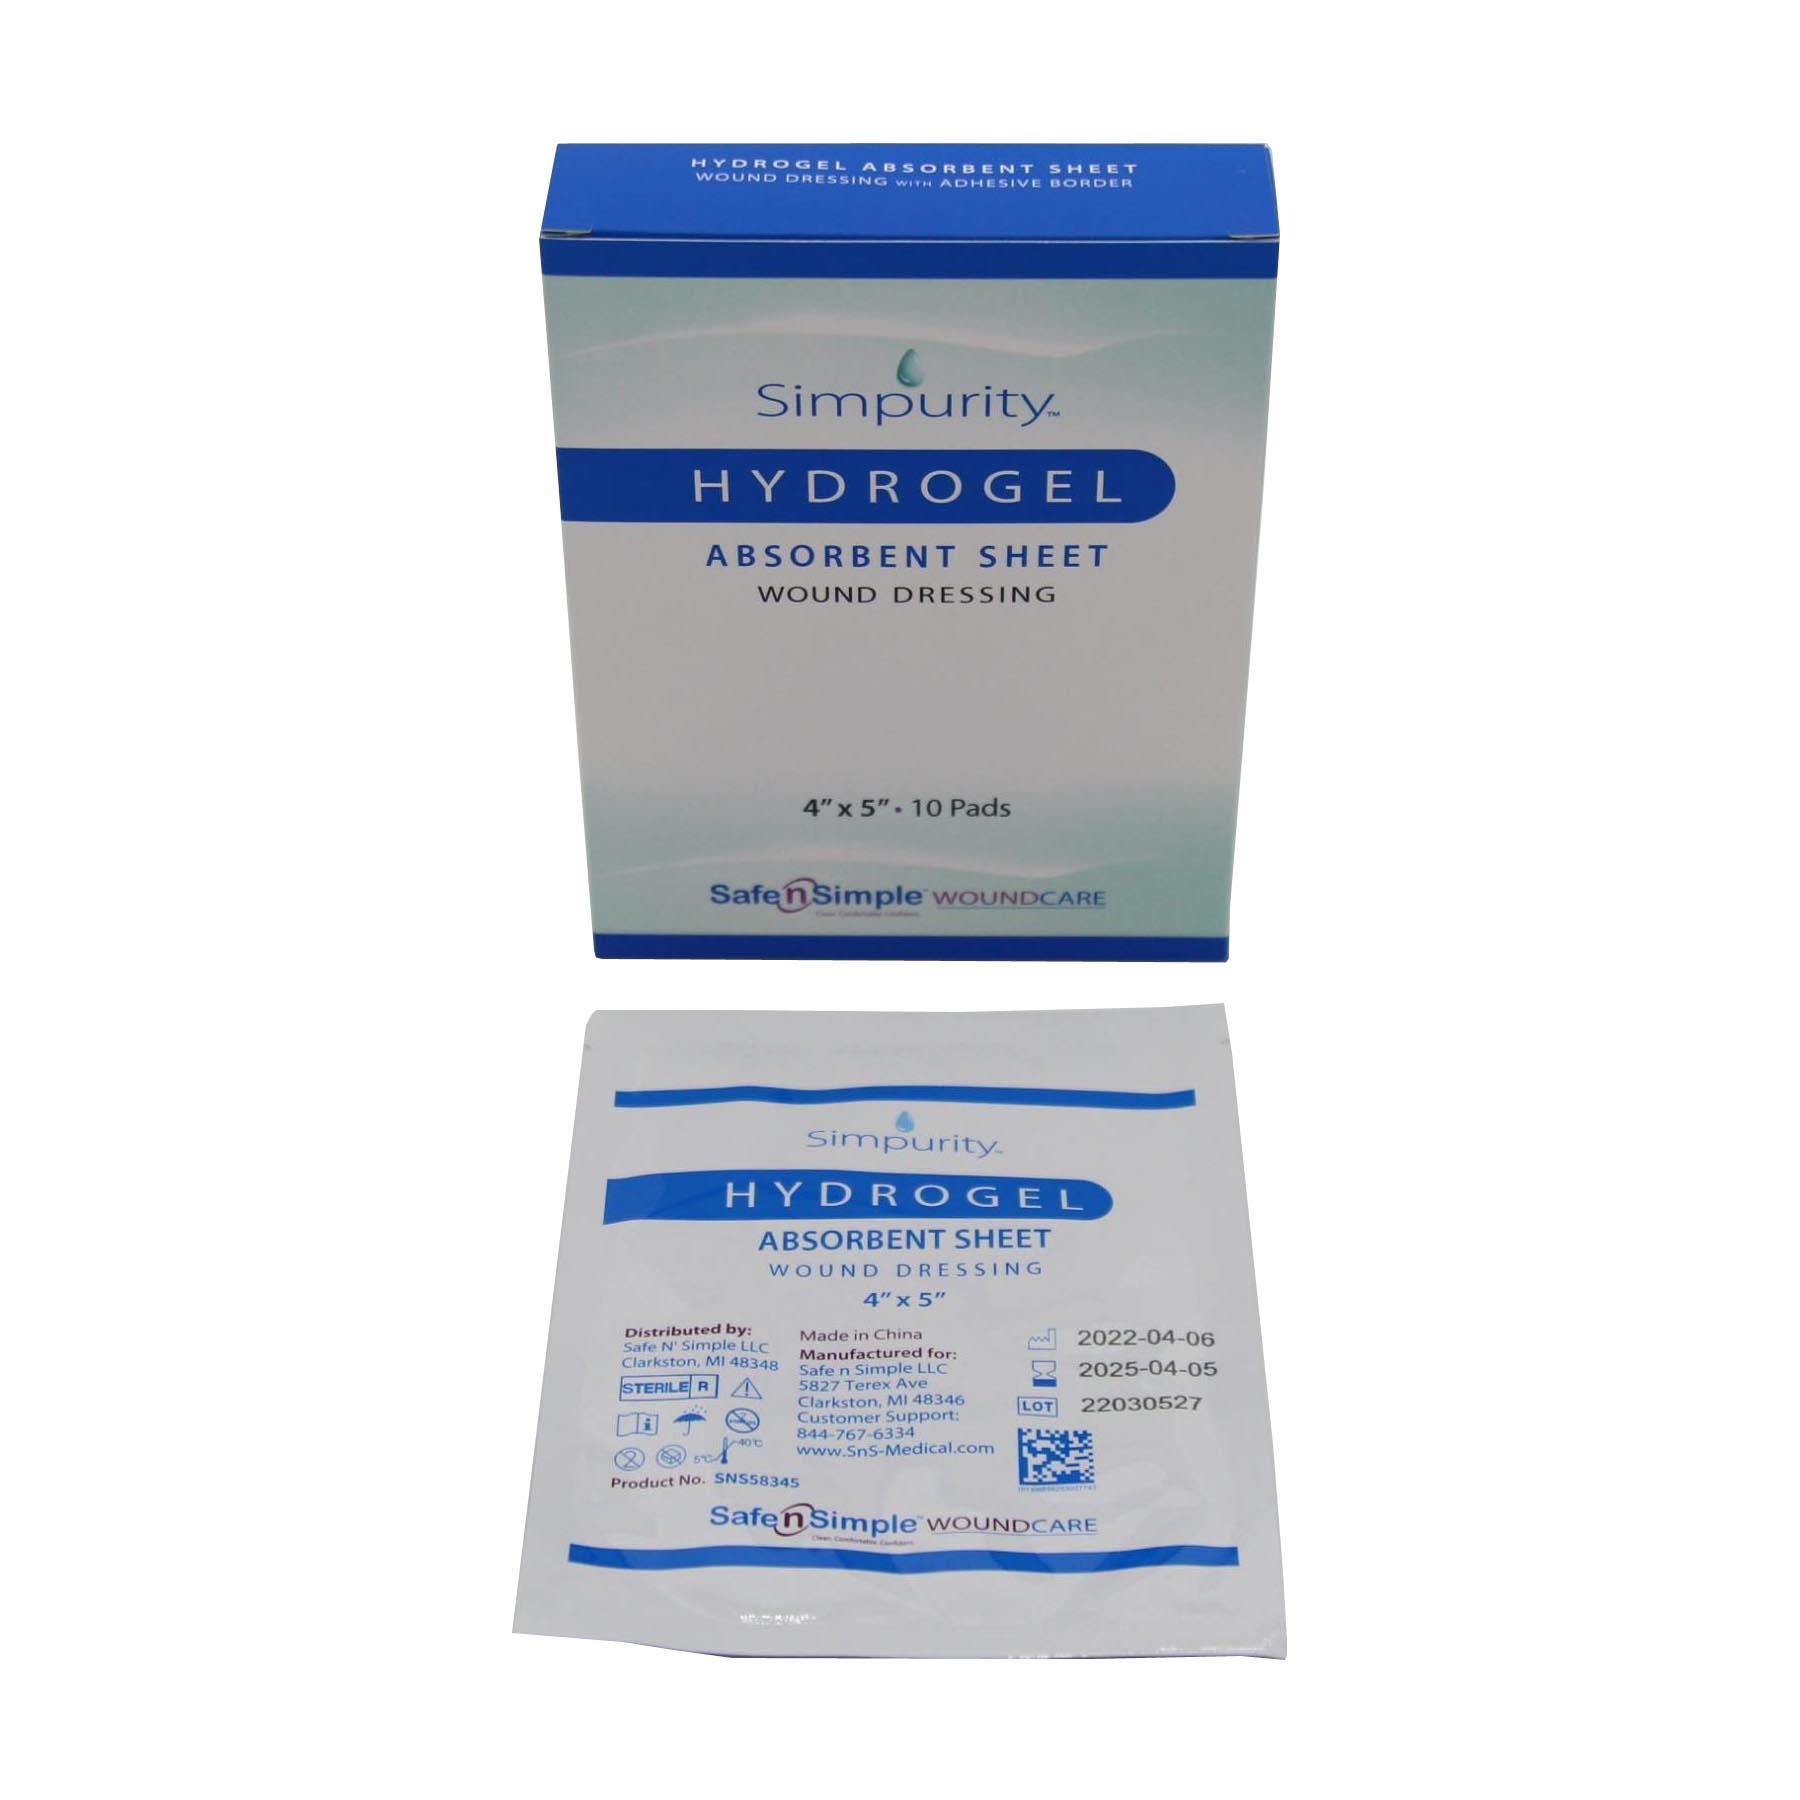 Simpurity Hydrogel Wound Dressing, 4 Inch x 5 Inch